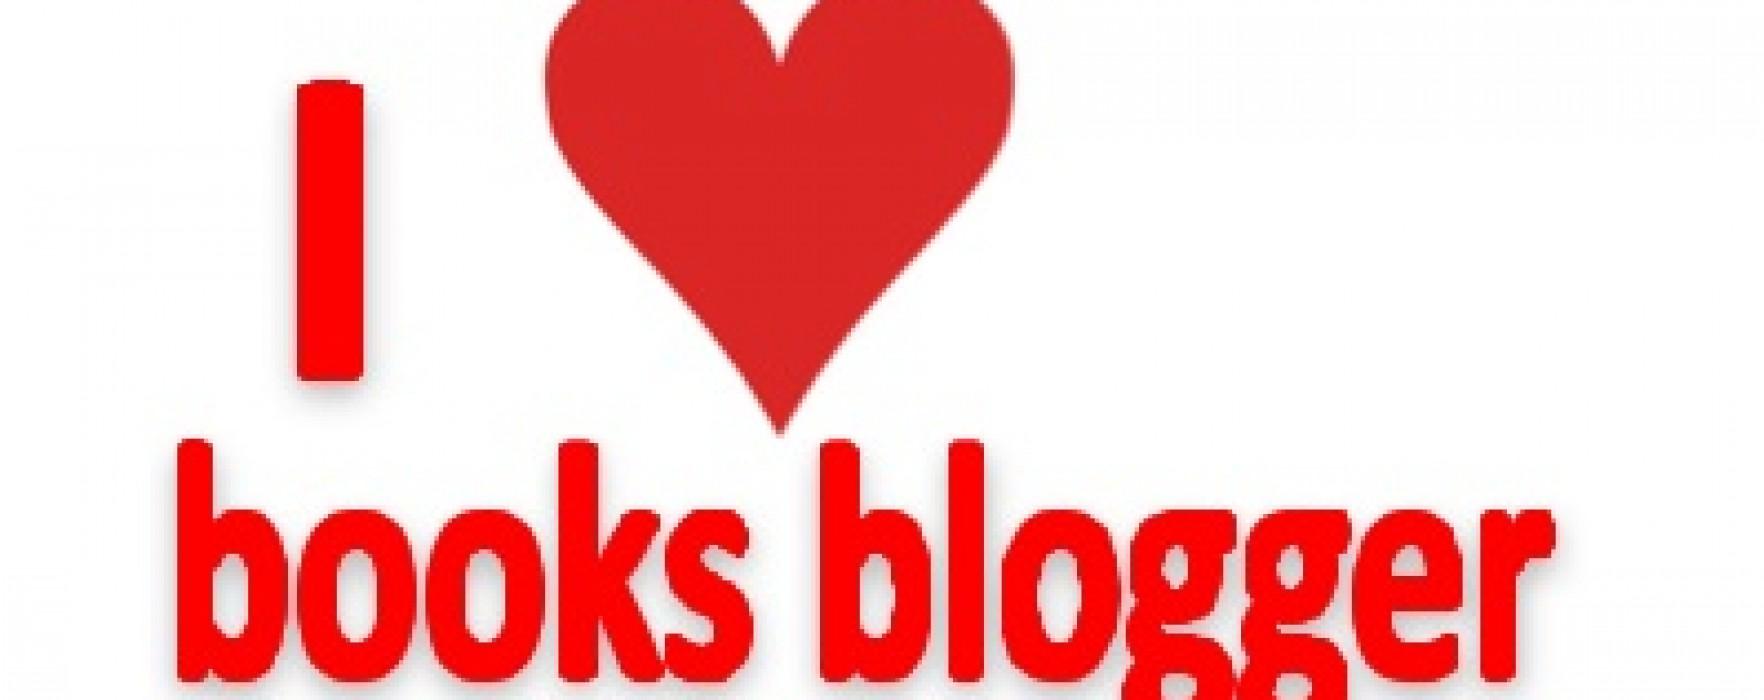 Editori e books blogger: tra fiducia e diffidenza